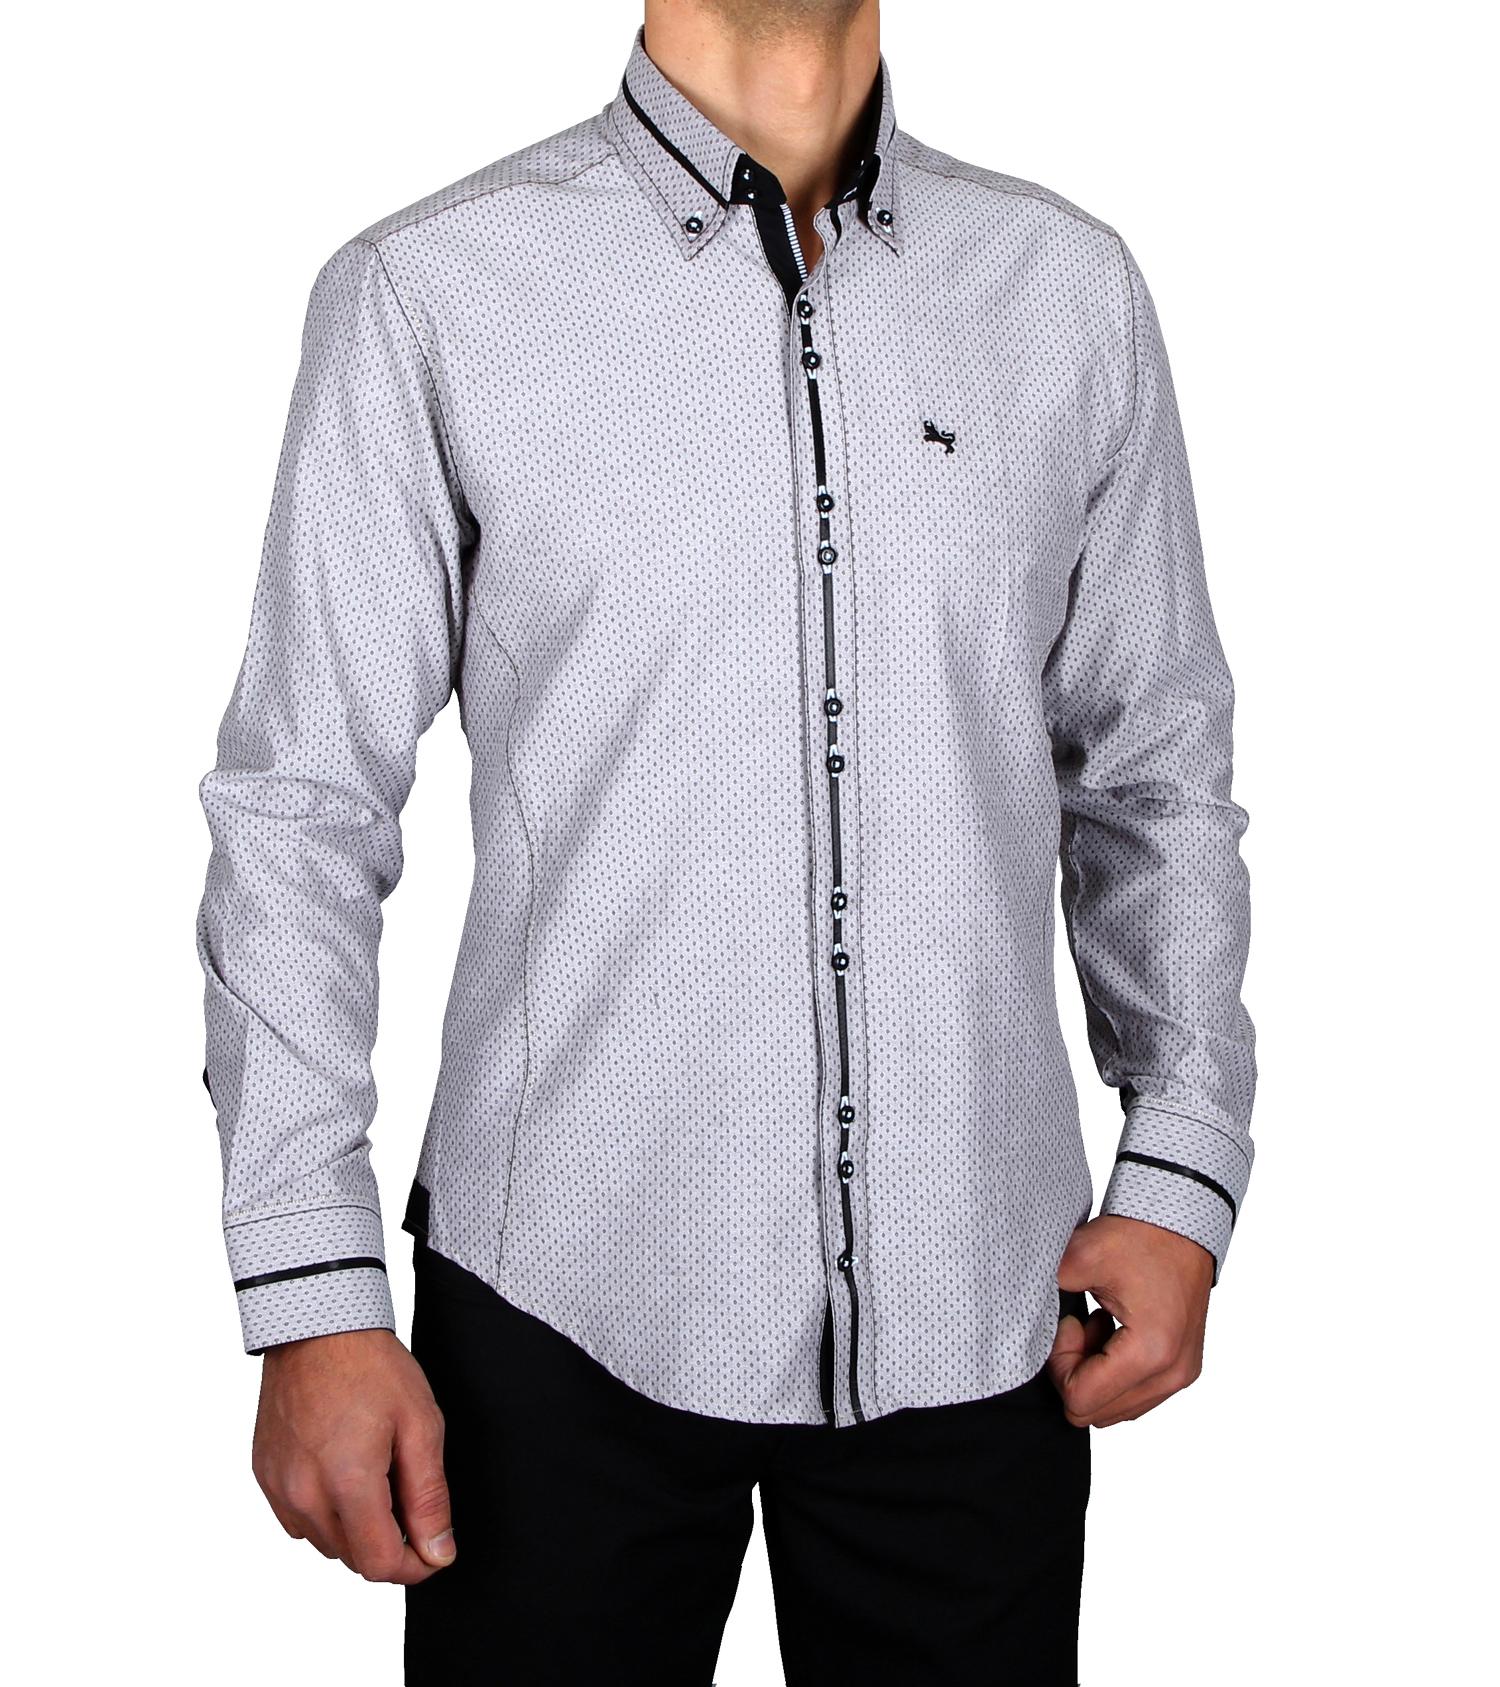 Hk Mandel Kreative Mode Fr Mnner Casual Shirt Button Shirt